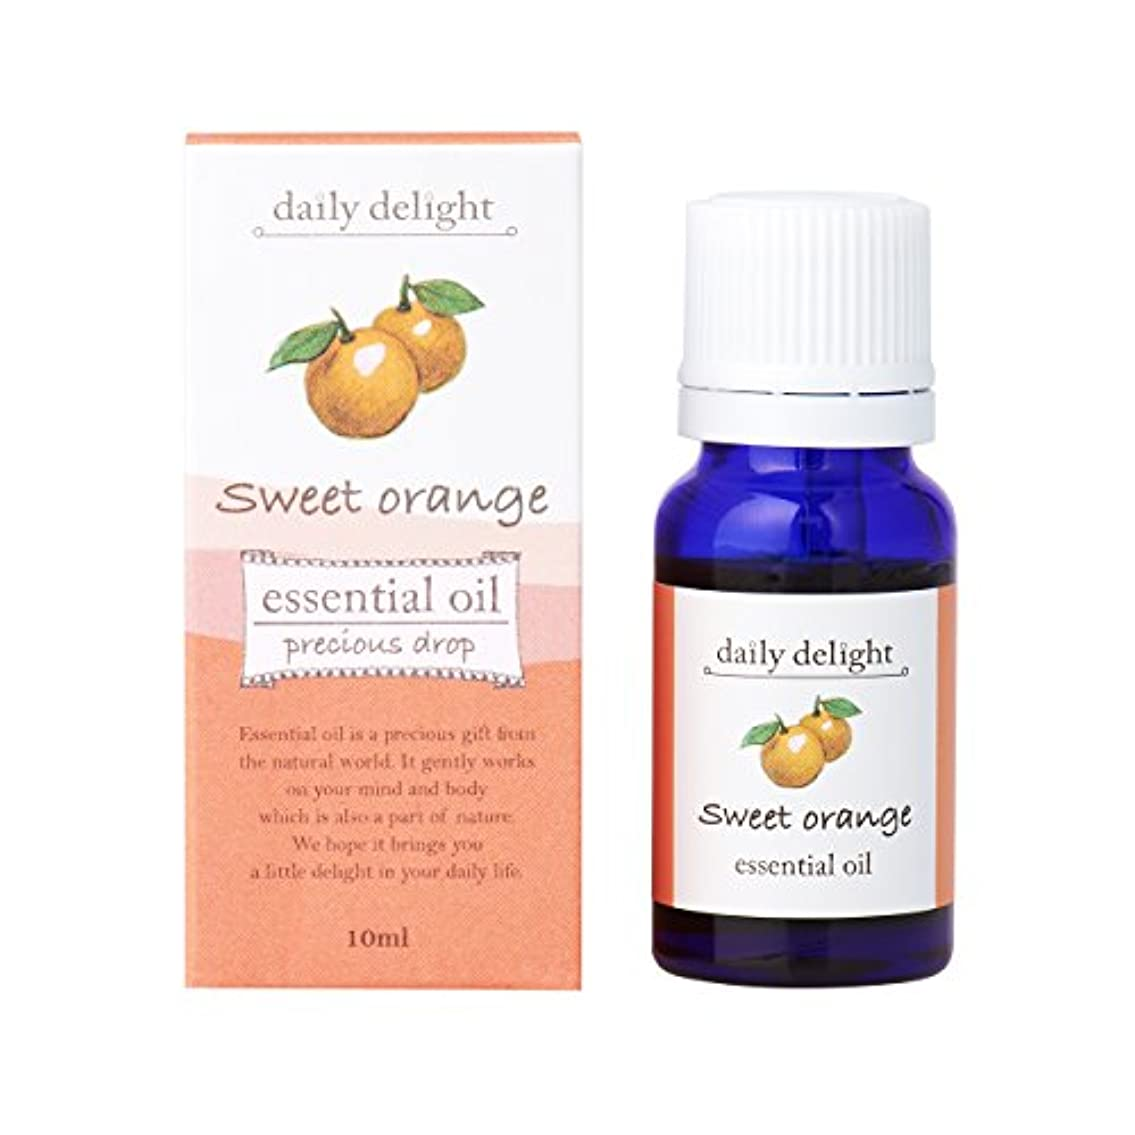 損失注釈ペックデイリーディライト エッセンシャルオイル  スイートオレンジ 10ml(天然100% 精油 アロマ 柑橘系 フルーティで甘く爽やかな香り)